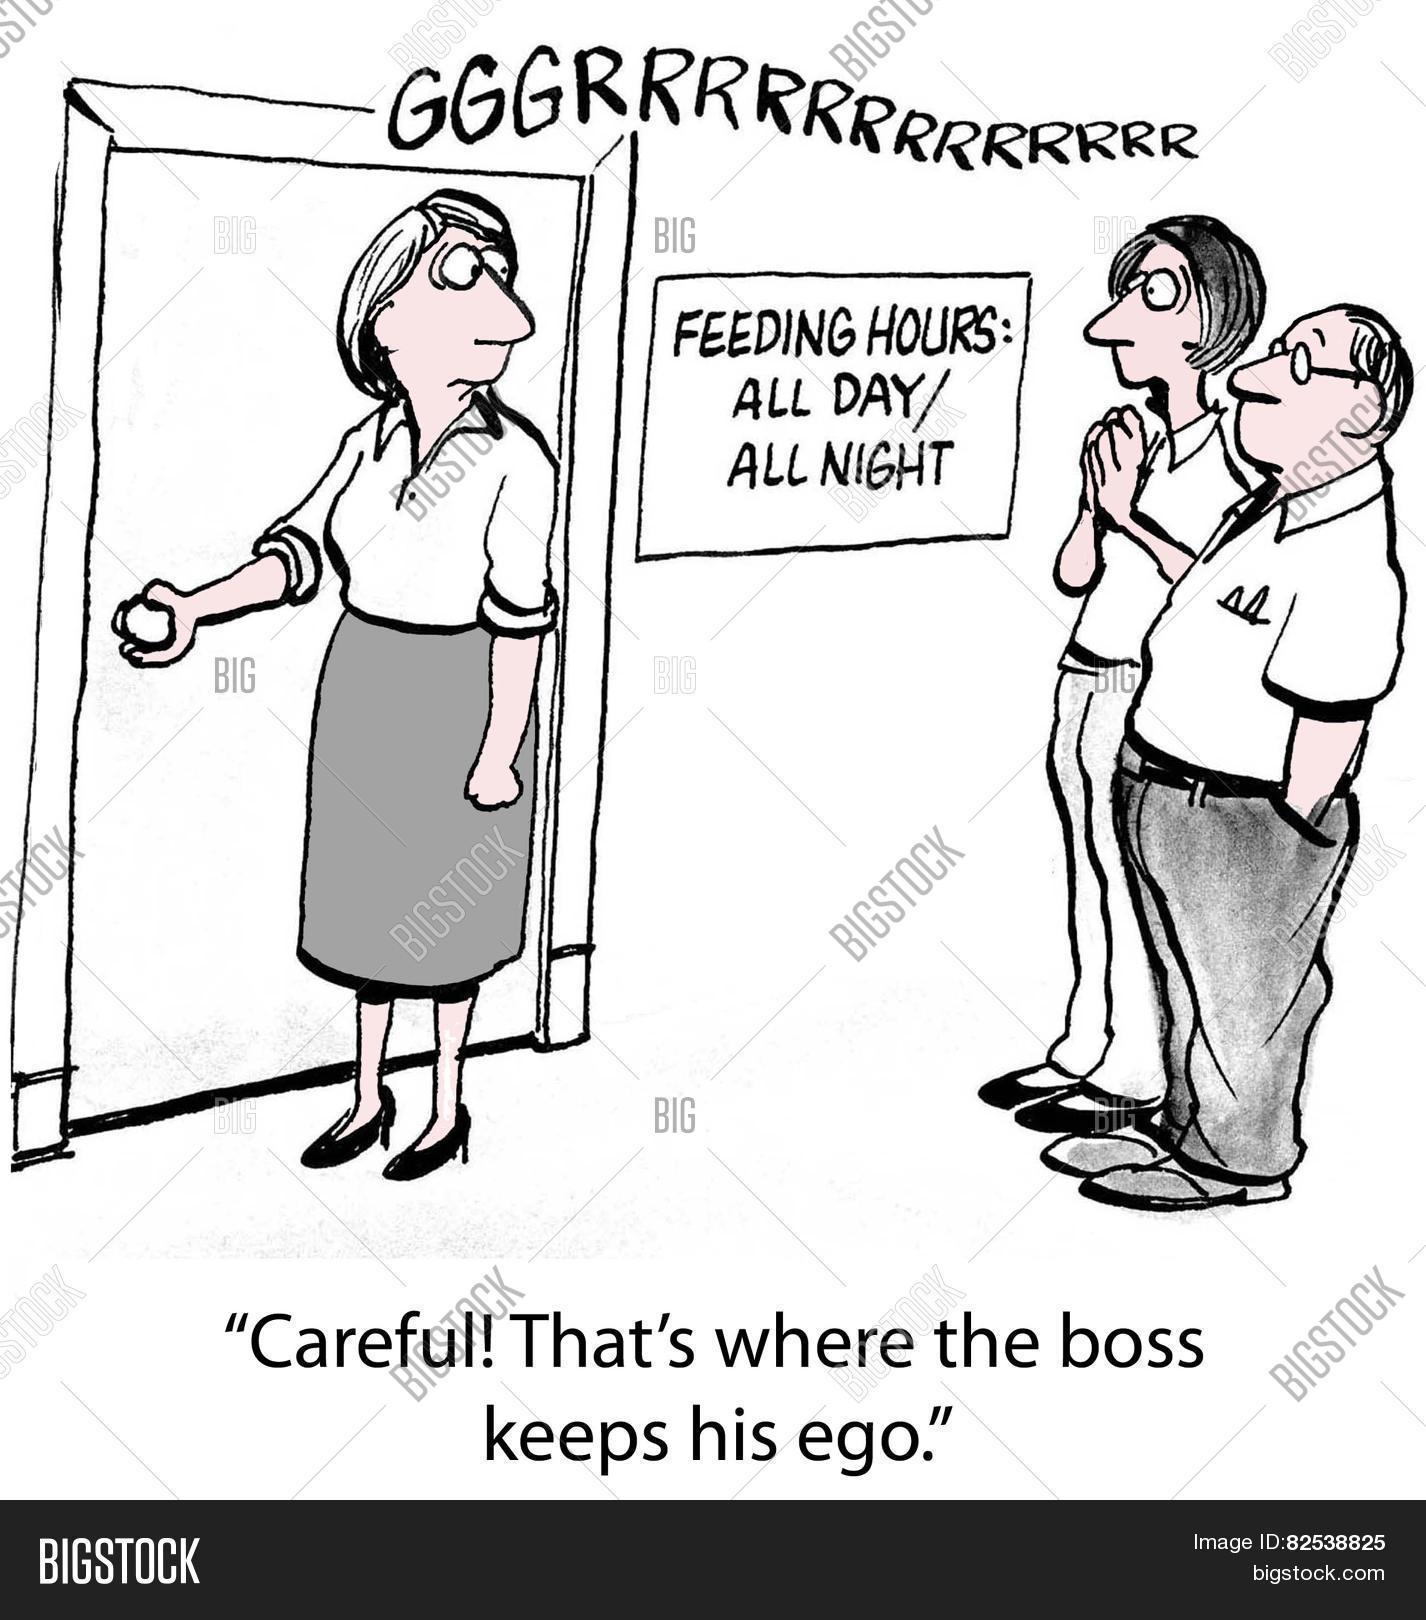 Boss Ego Image & Photo